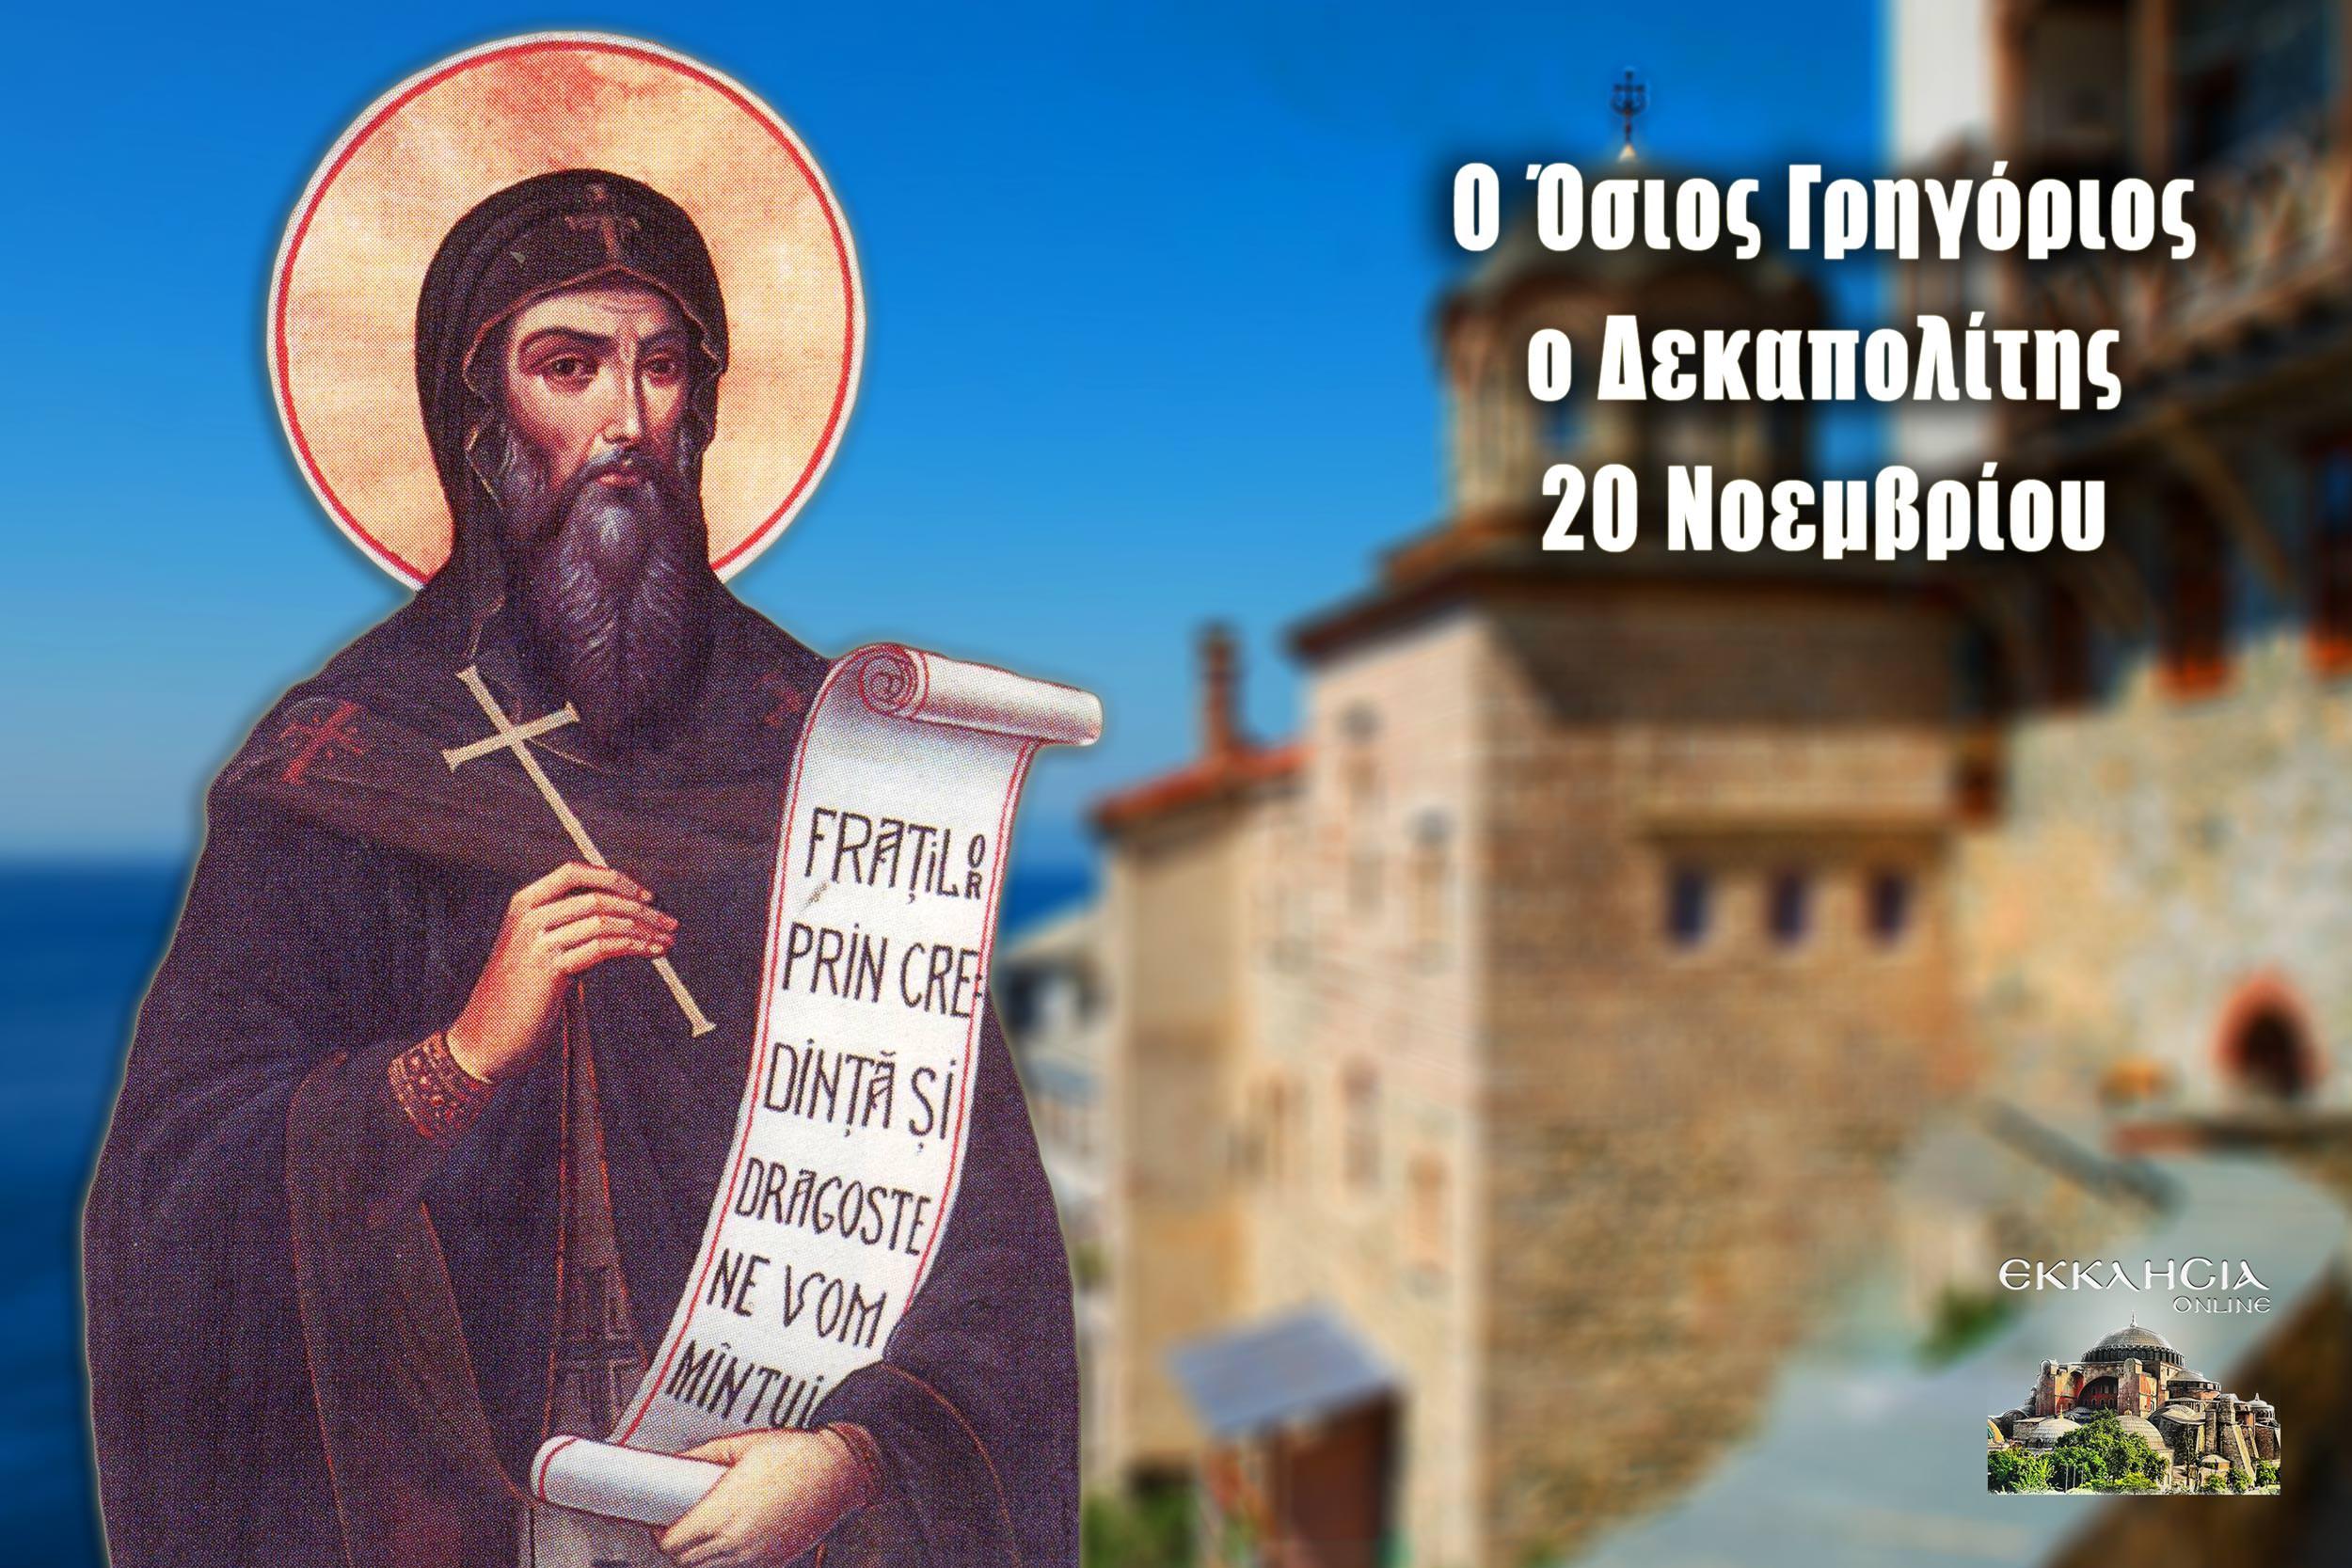 Όσιος Γρηγόριος ο Δεκαπολίτης 20 Νοεμβρίου